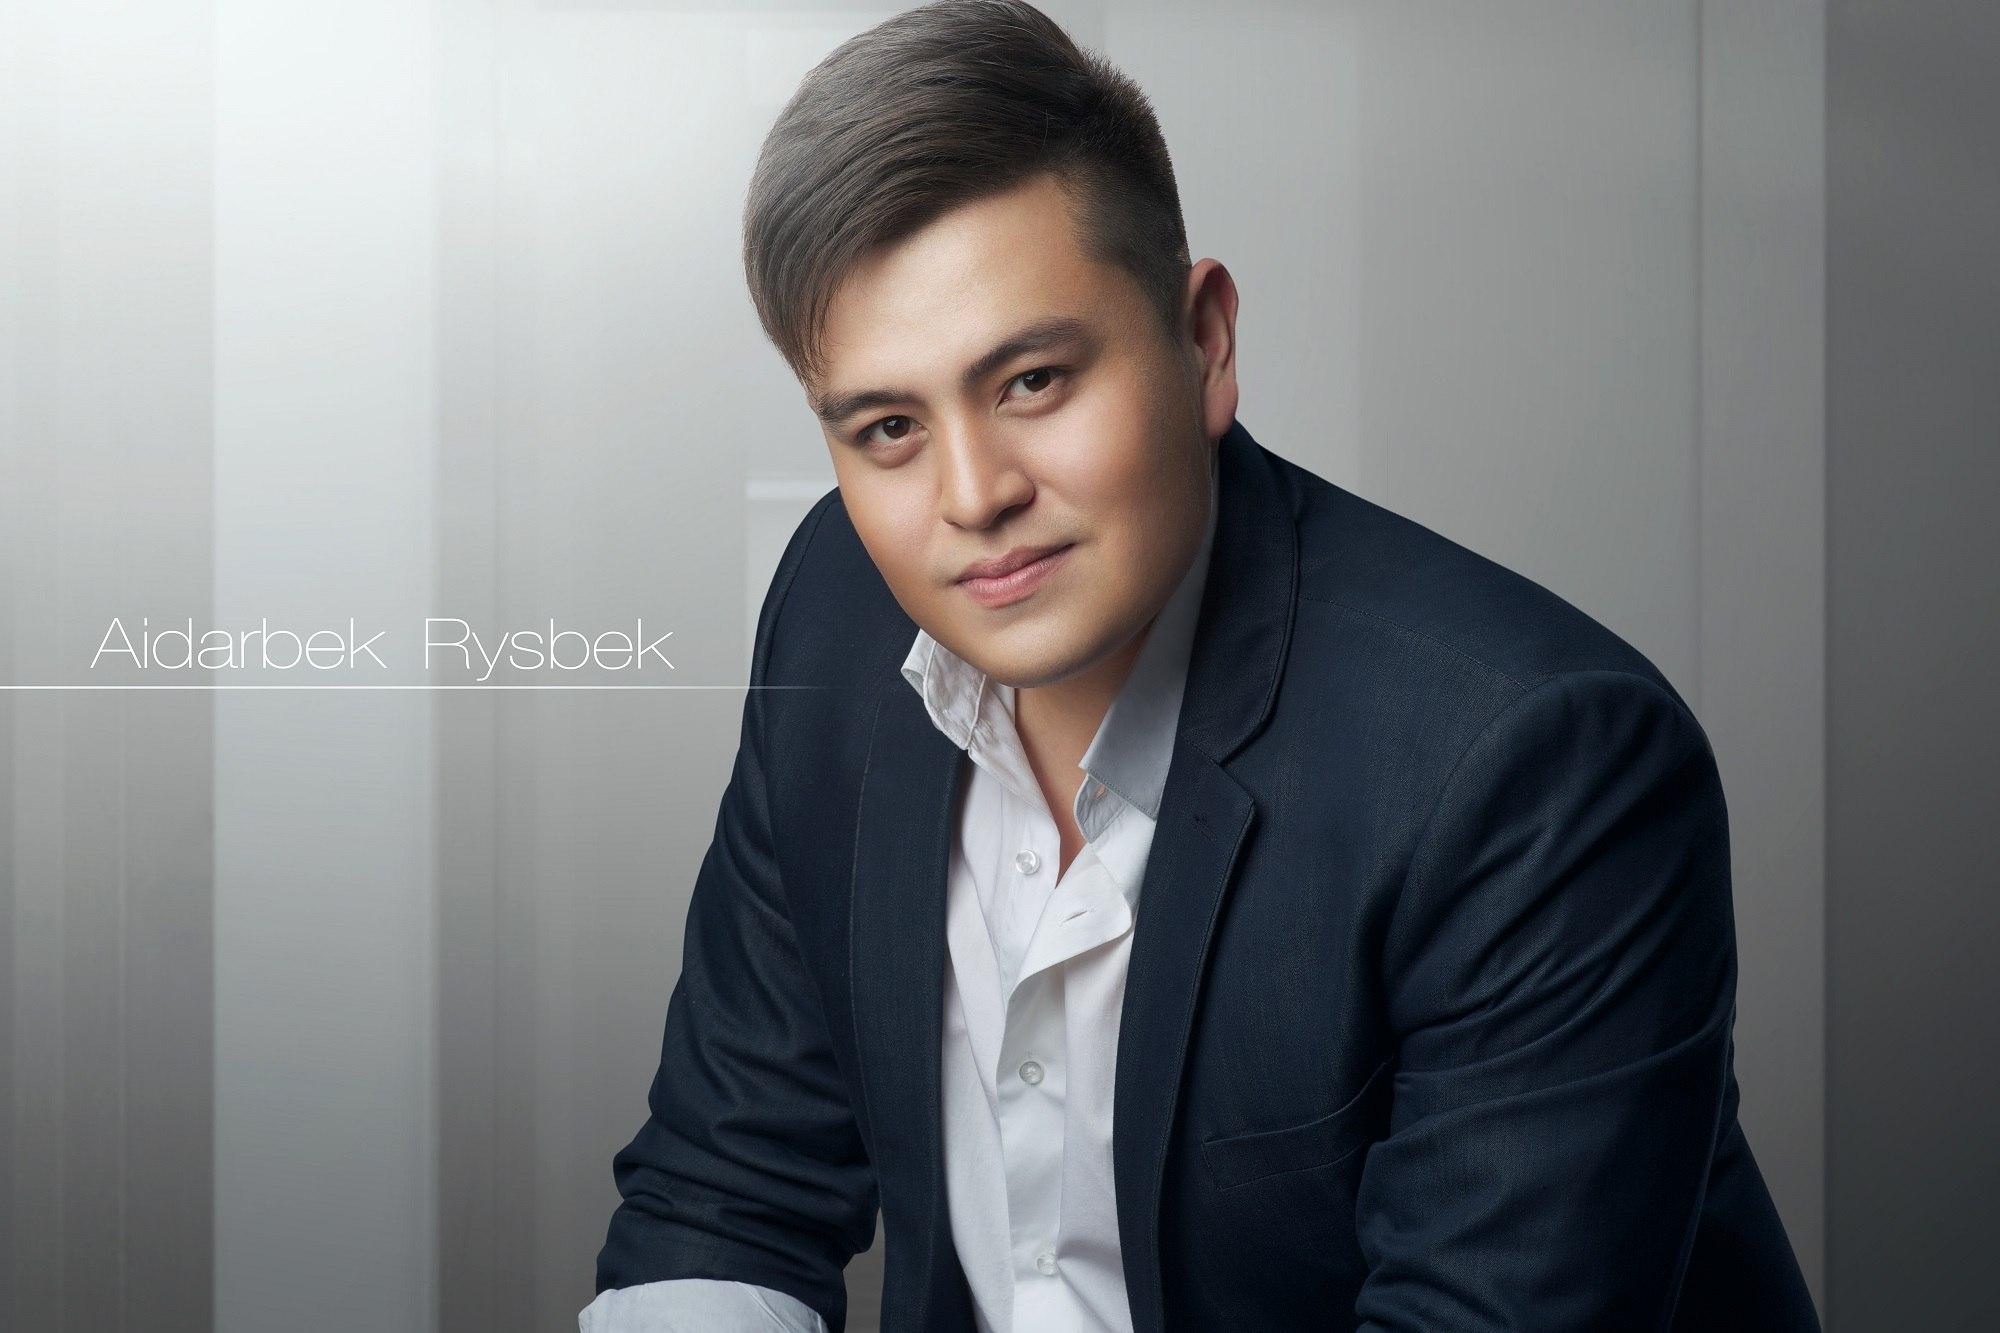 Айдарбек Рысбек - Алыстама (2016)